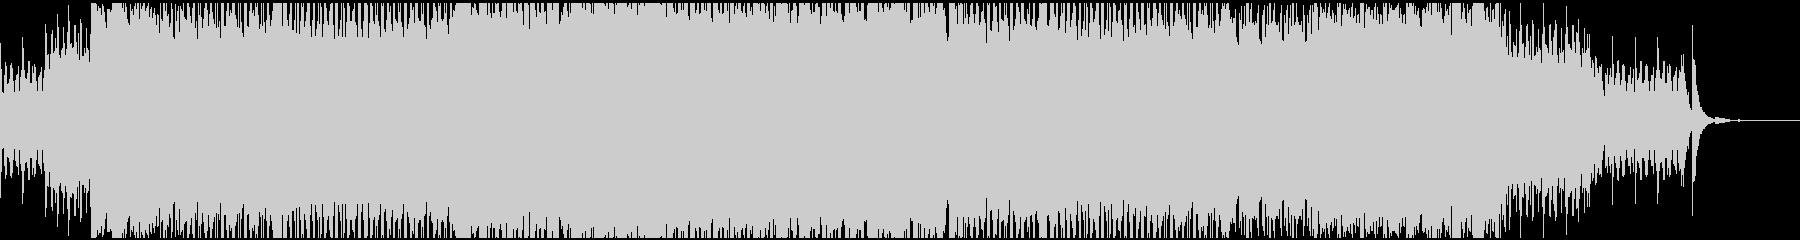 クールなテクノ(ややエスニック)EDMの未再生の波形